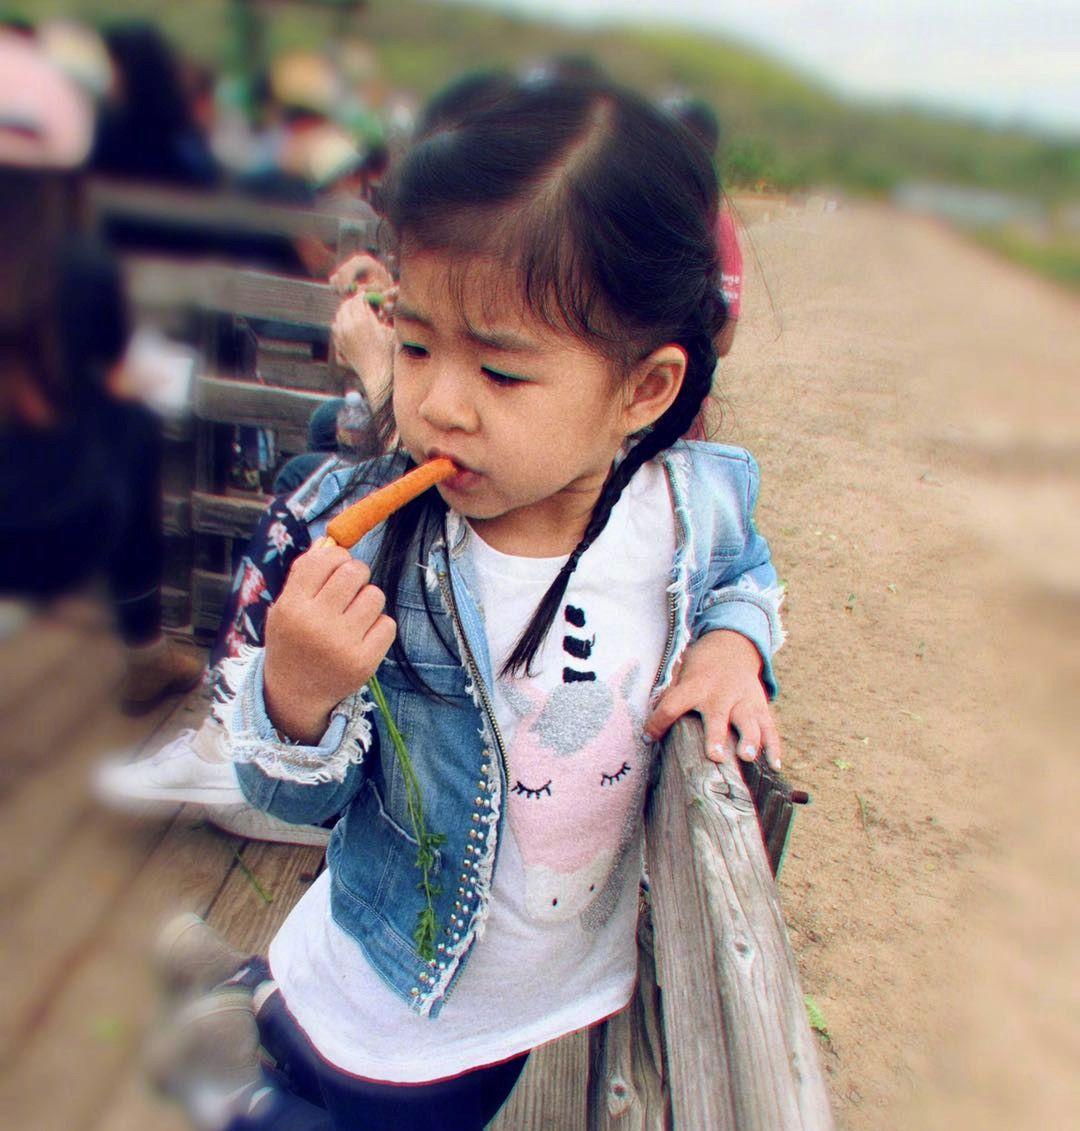 张梓琳晒与女儿近照,3岁胖妹颜值赶超妈妈,超模范堪比张梓琳!